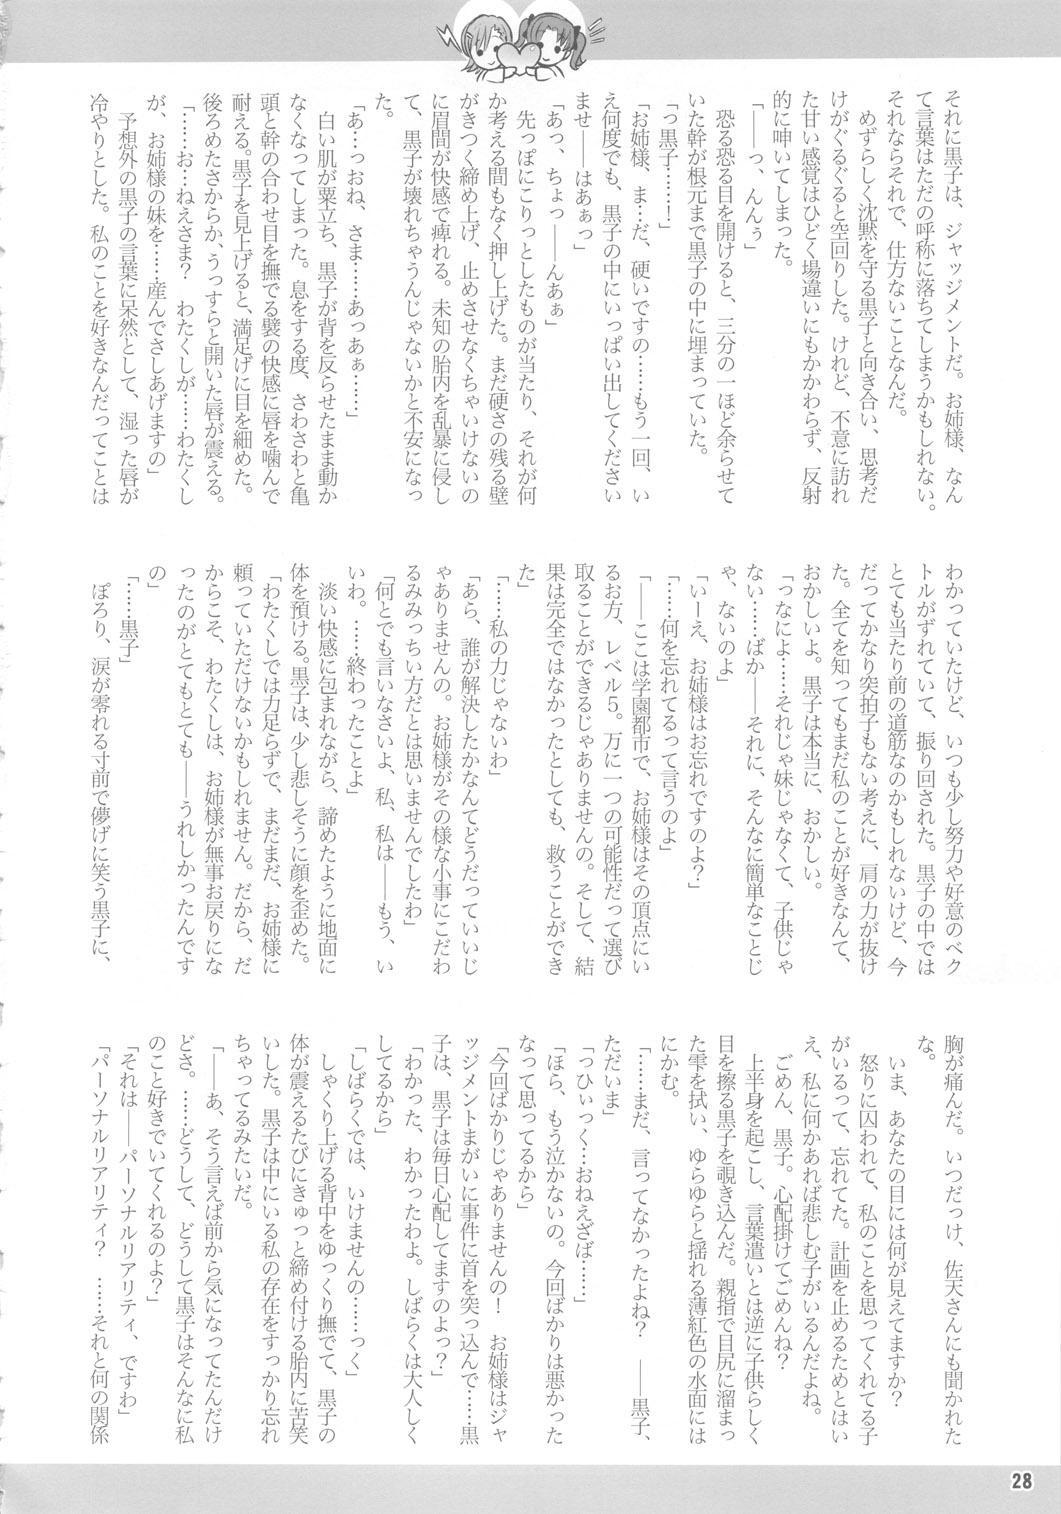 (C78) [Arsenothelus (Rebis)] Toaru Kuroko no Mikoto Kanzen Kouryaku (Toaru Kagaku no Railgun) [English] <desudesu> 26